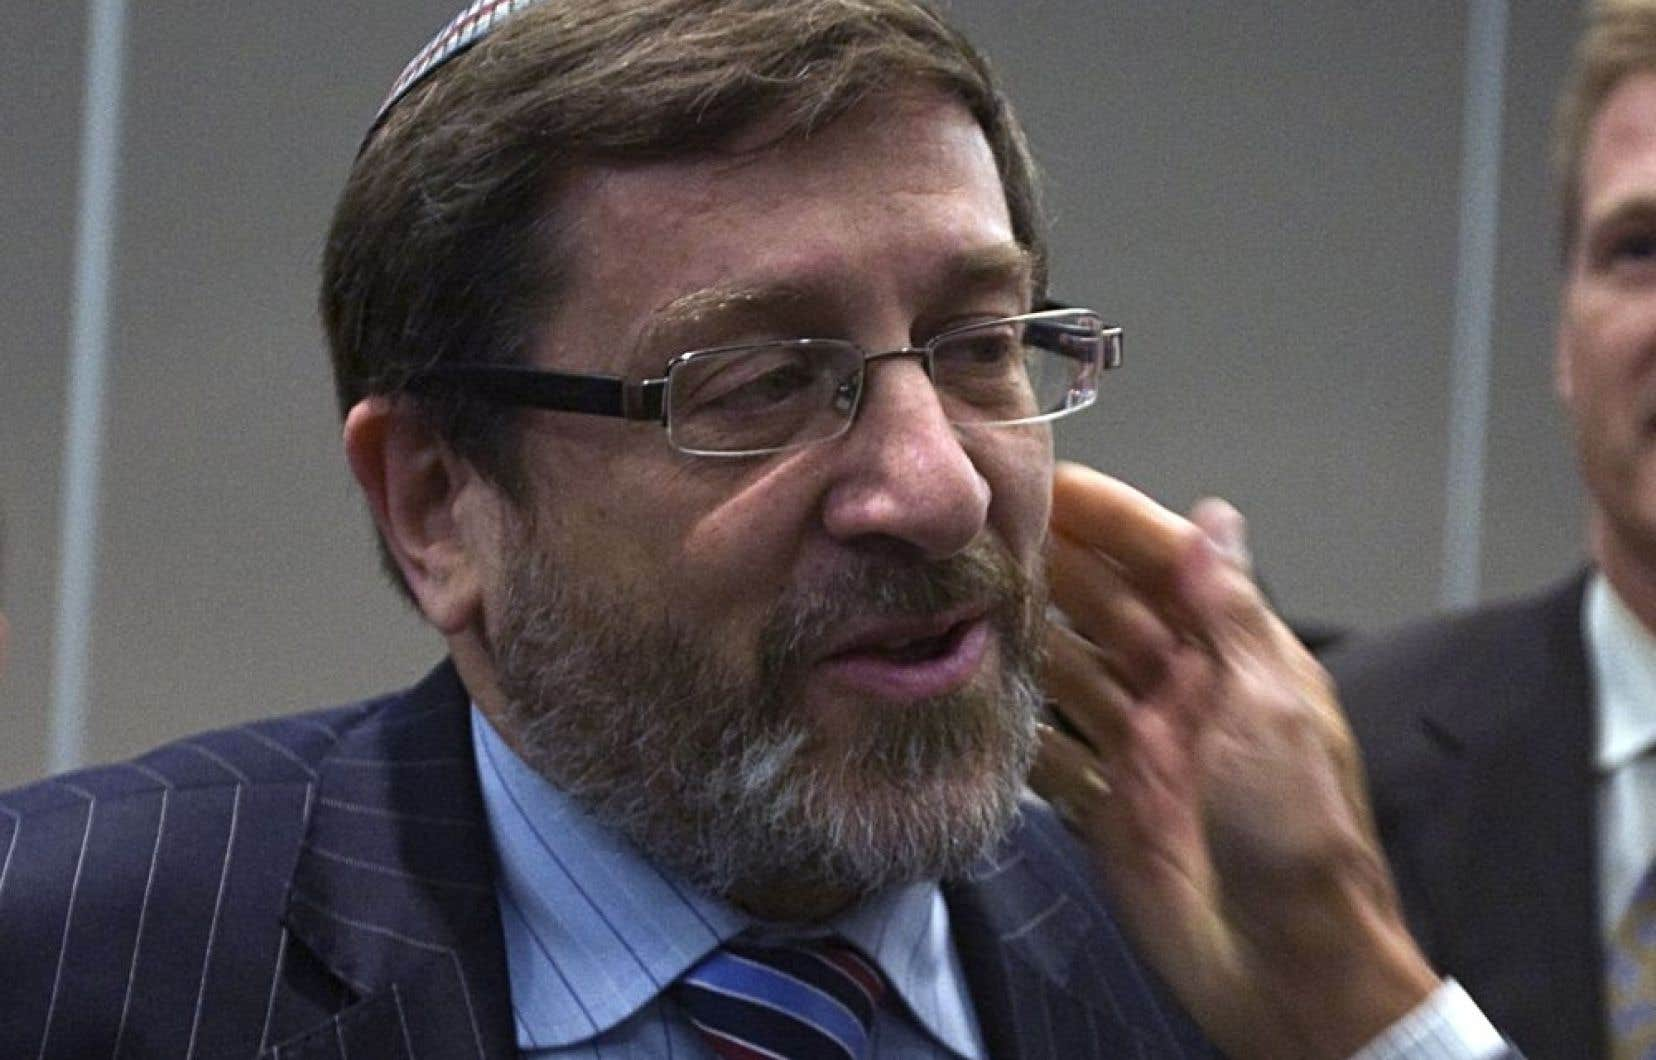 Saulie Zajdel s&#39;est notamment fait embaucher comme &laquo;conseiller r&eacute;gional&raquo; du ministre James Moore, poste qu&#39;il a occup&eacute; jusqu&#39;au printemps 2012. <br />